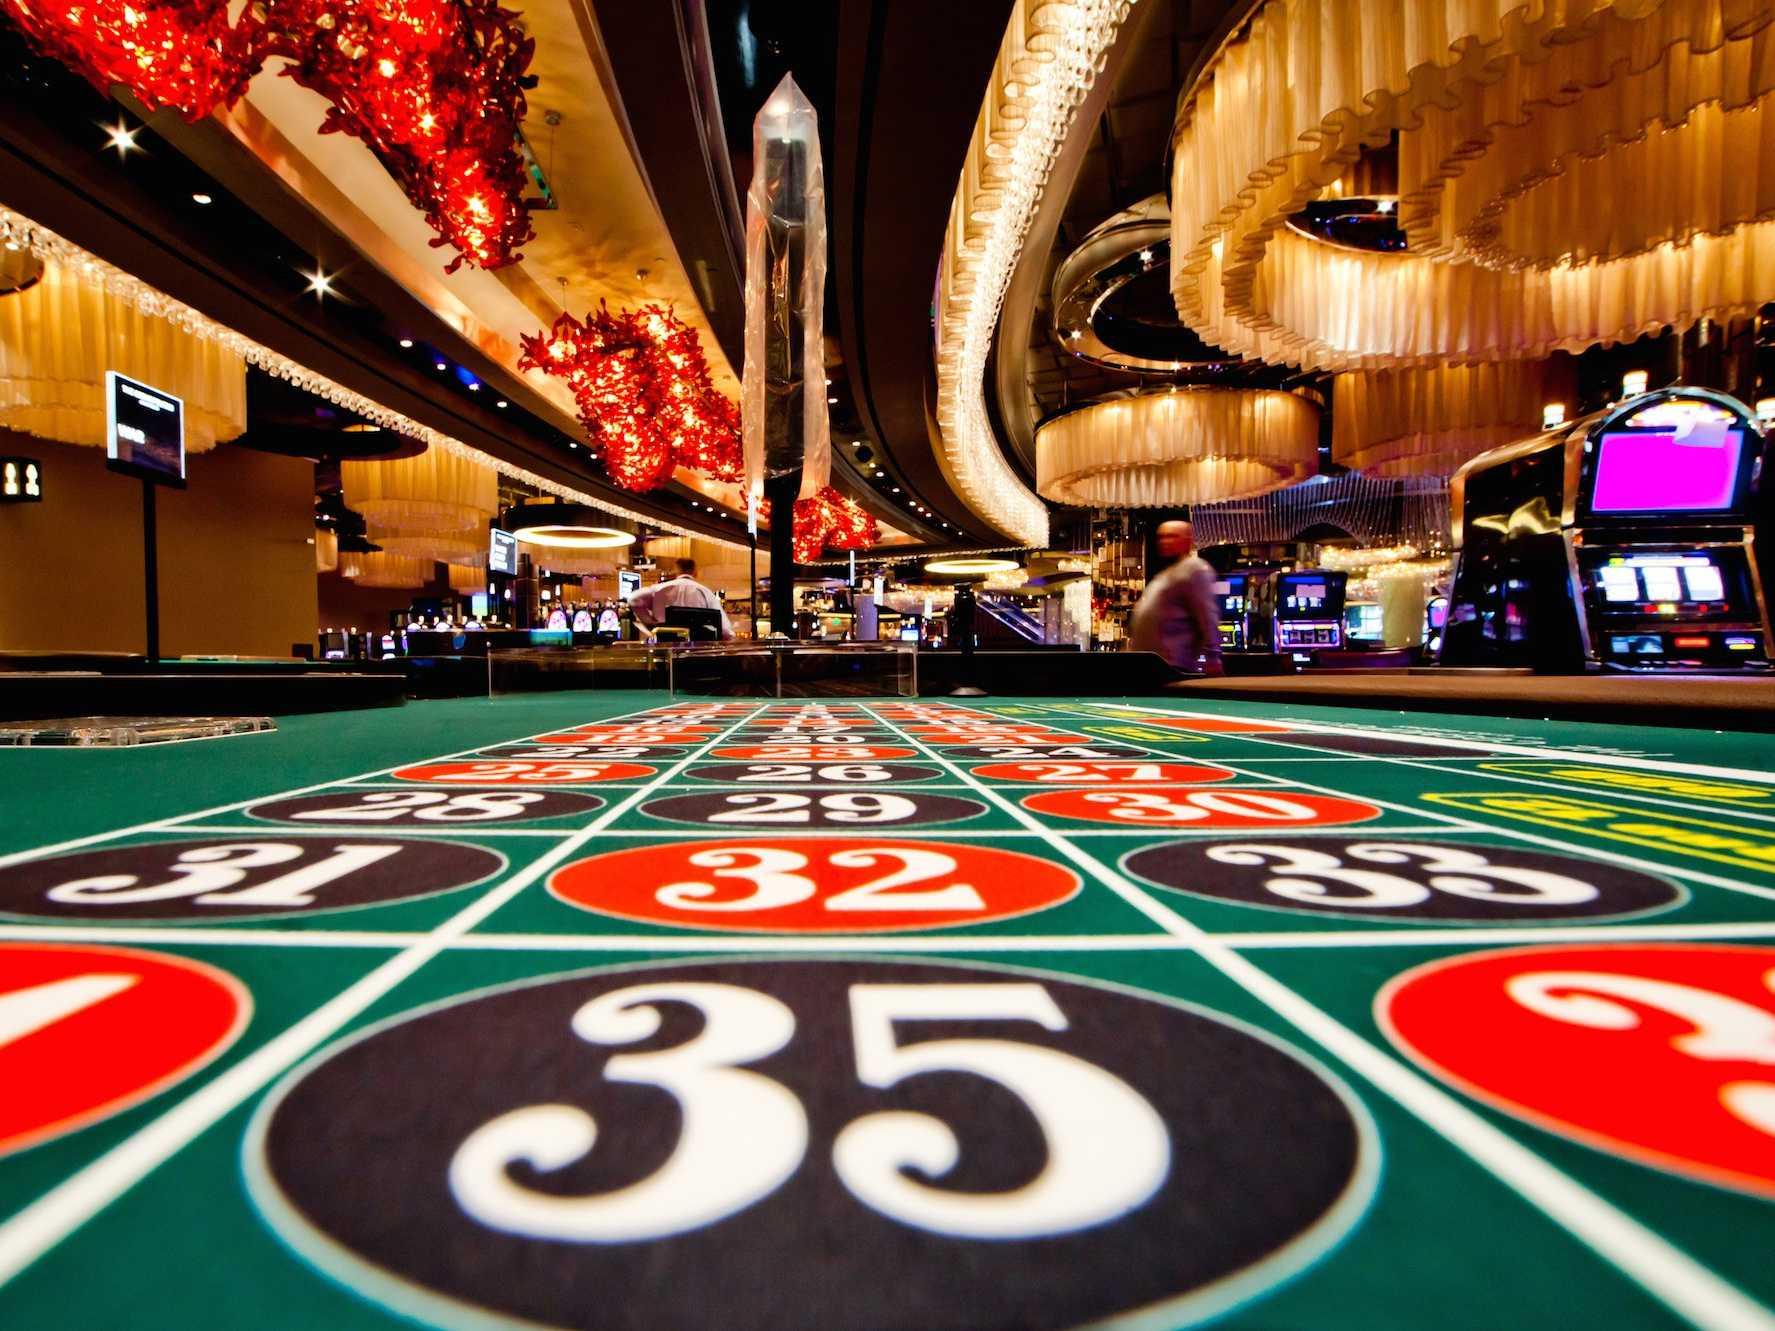 Jeux casino: comment bien en profiter ?